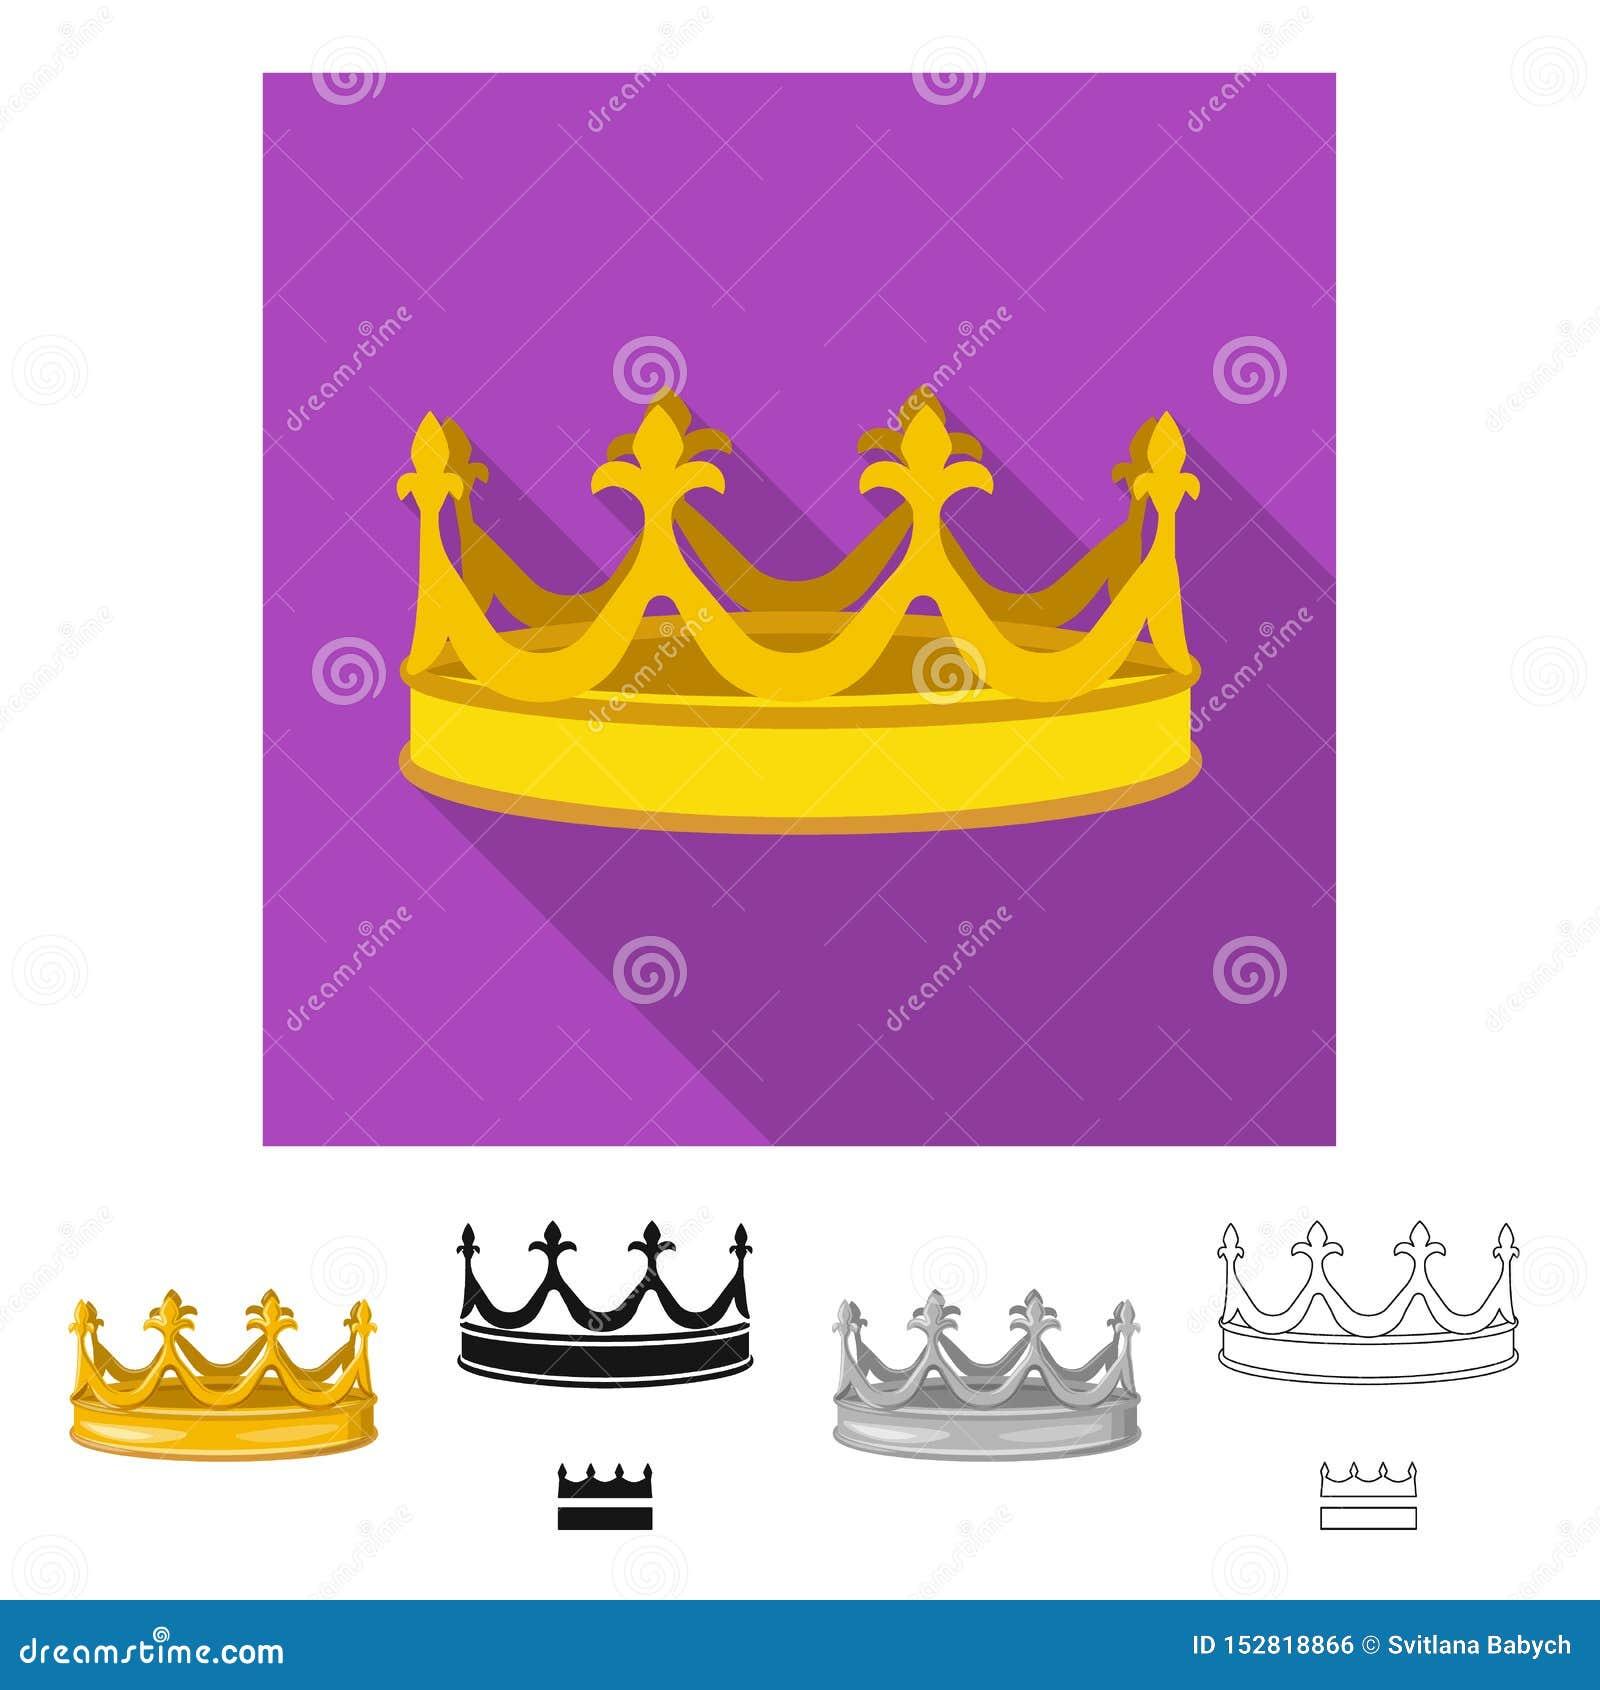 Dise?o del vector de s?mbolo medieval y de la nobleza Colecci?n de icono medieval y de la monarqu?a del vector para la acci?n